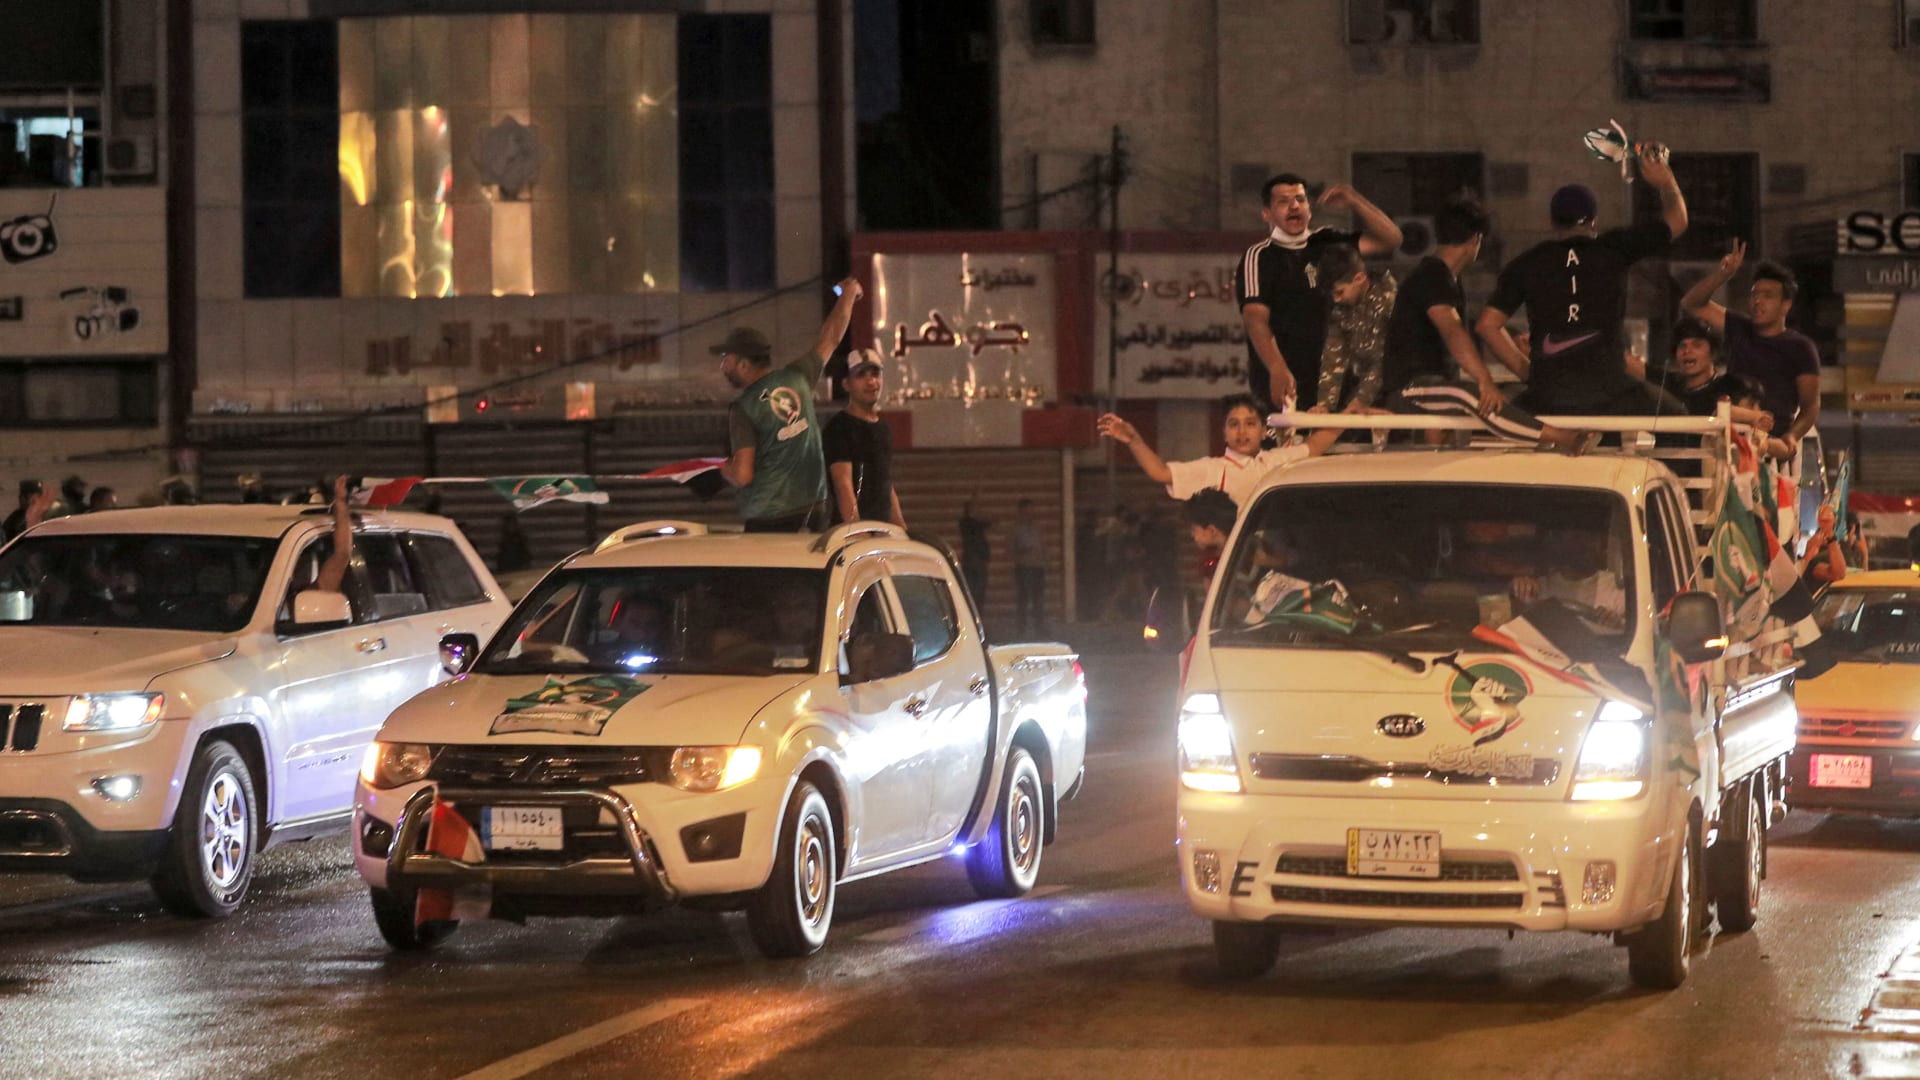 العراقيون يدلون بأصواتهم في انتخابات مبكرة هي الخامسة منذ الغزو الأمريكي